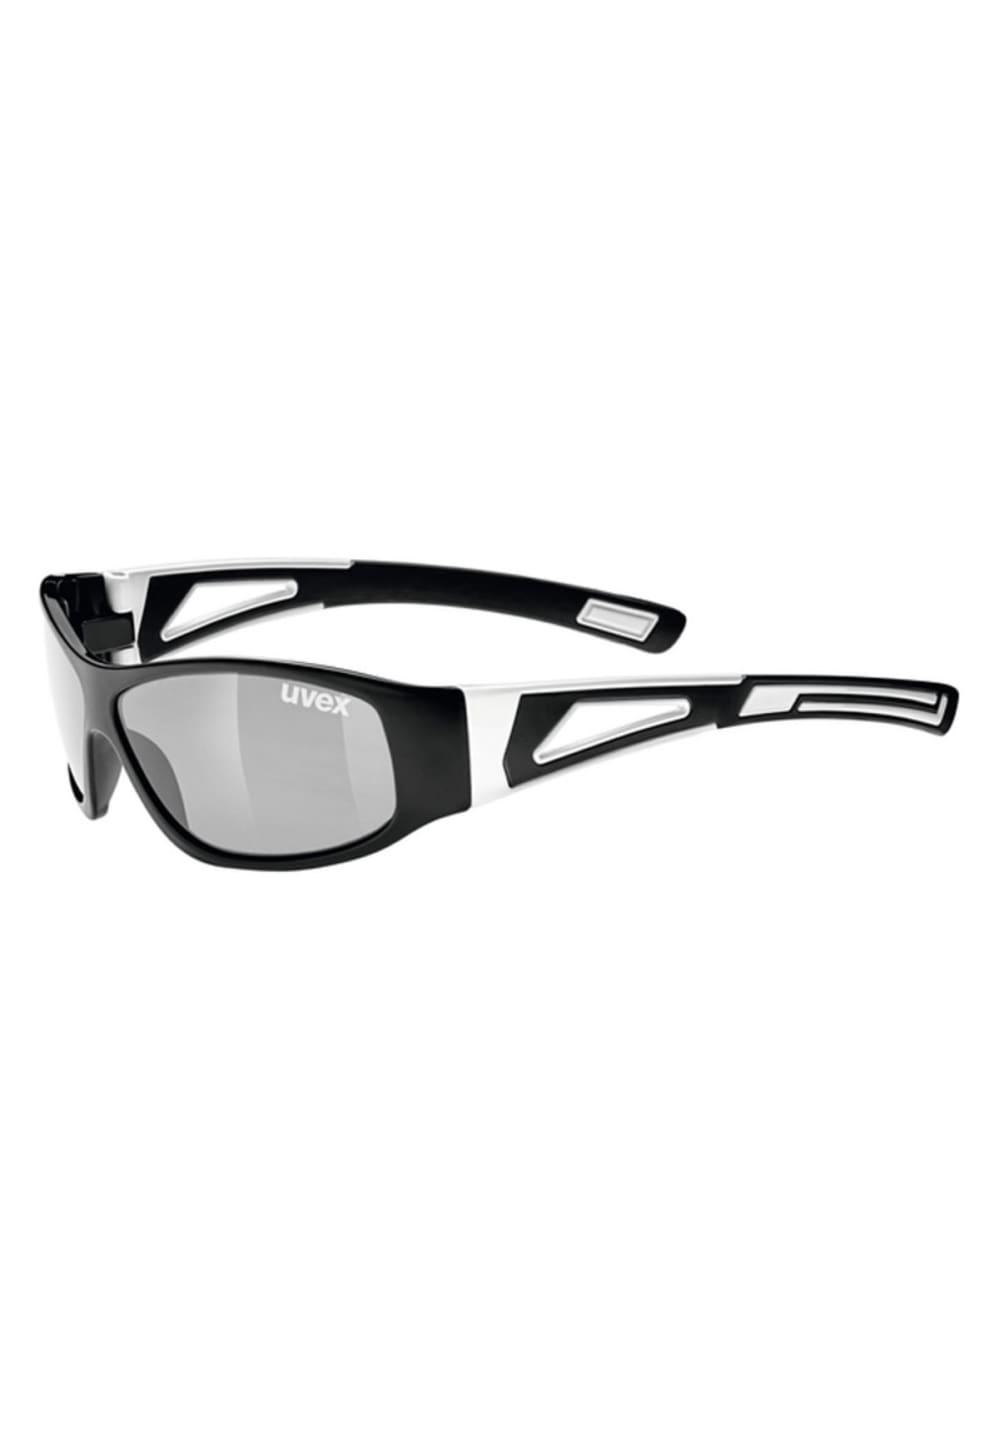 Uvex Sportstyle 509 Kids - Sportbrillen für Kinder Unisex - Schwarz, Gr. One Si